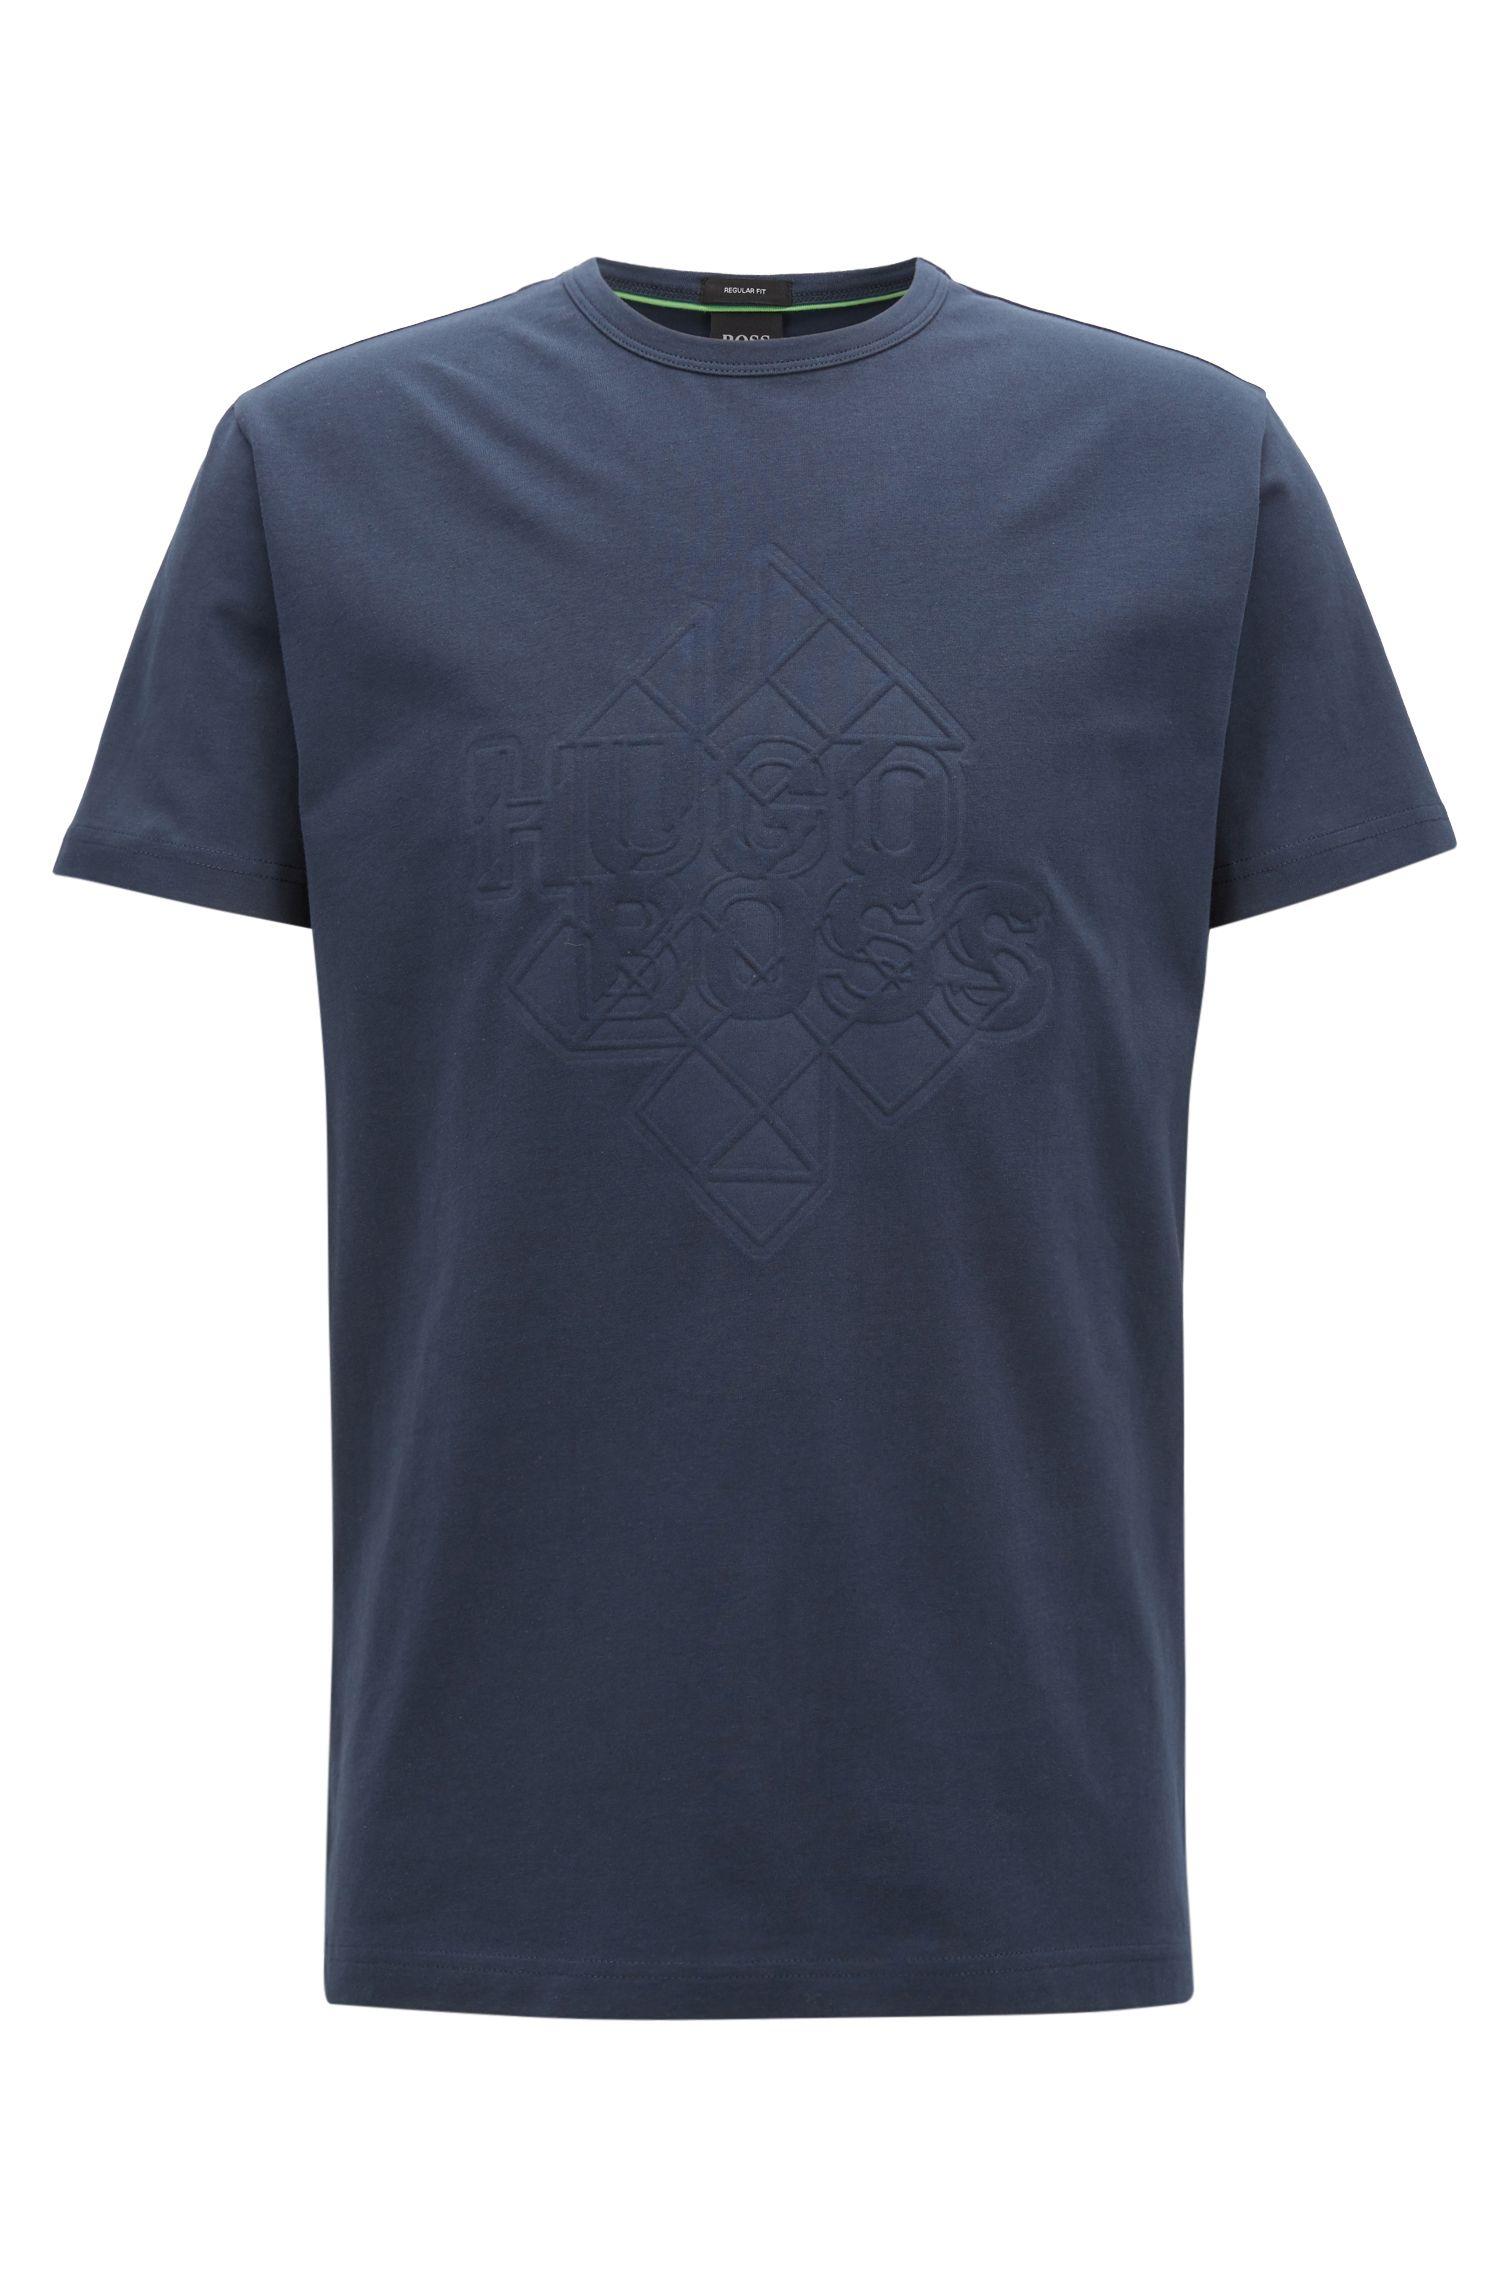 Camiseta de algodón elástico con diseño grabado